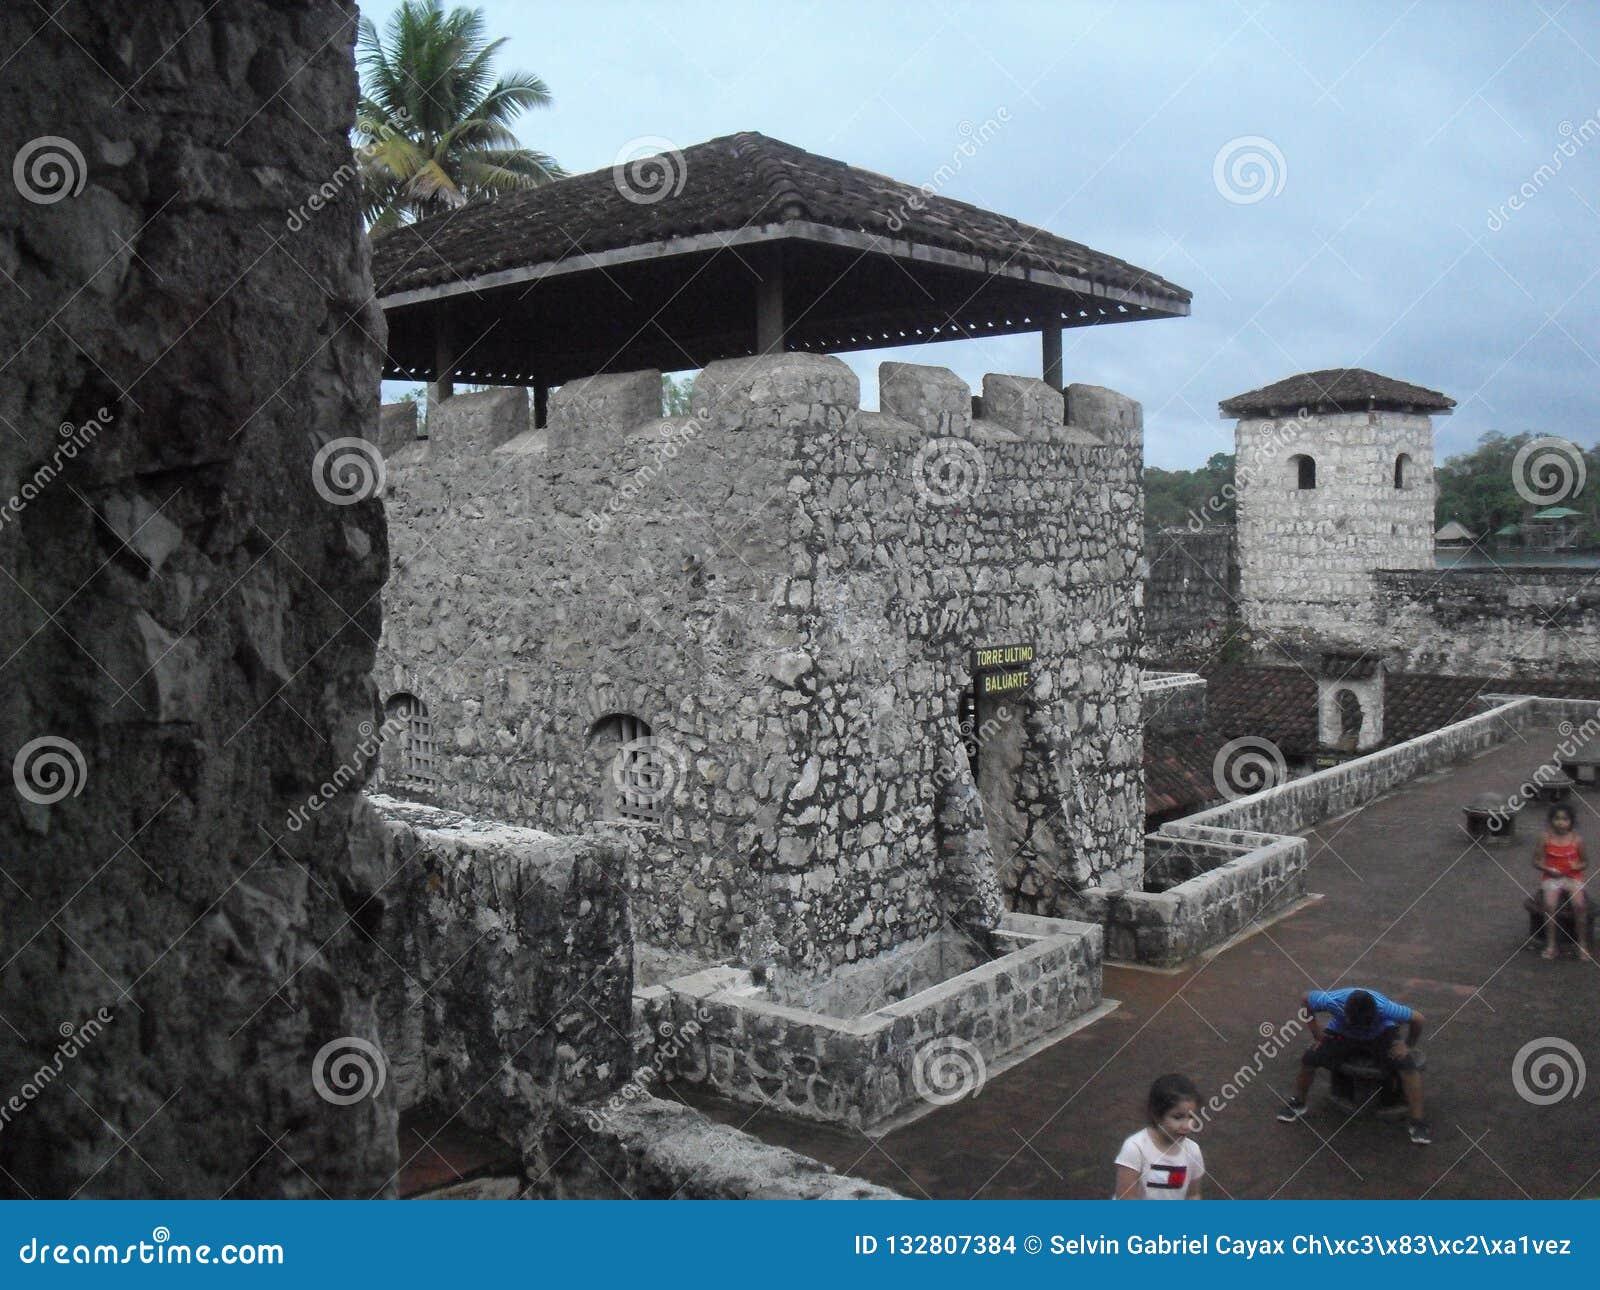 Castillo Of San Felipe De Lara Located Near The Lake Of Rio Dulce